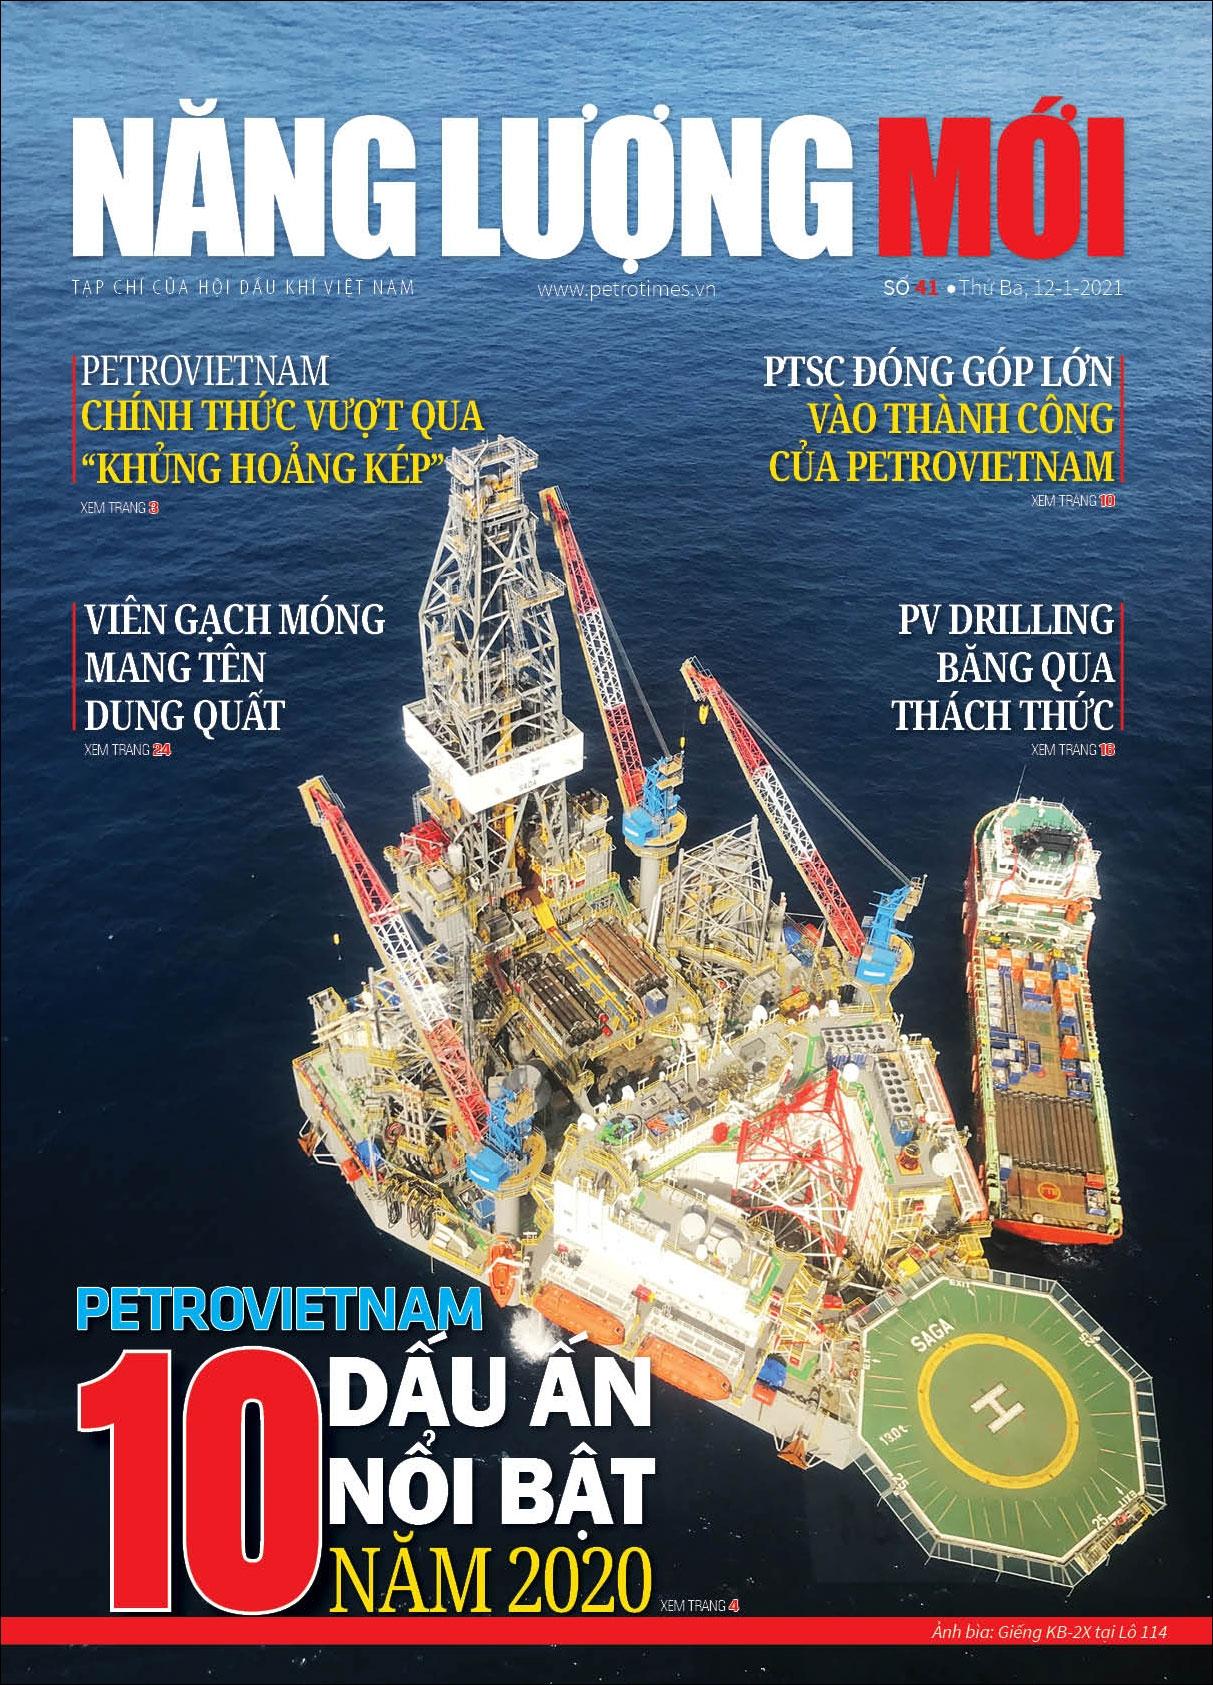 Đón đọc Tạp chí Năng lượng Mới số 41, phát hành thứ Ba ngày 12/1/2021